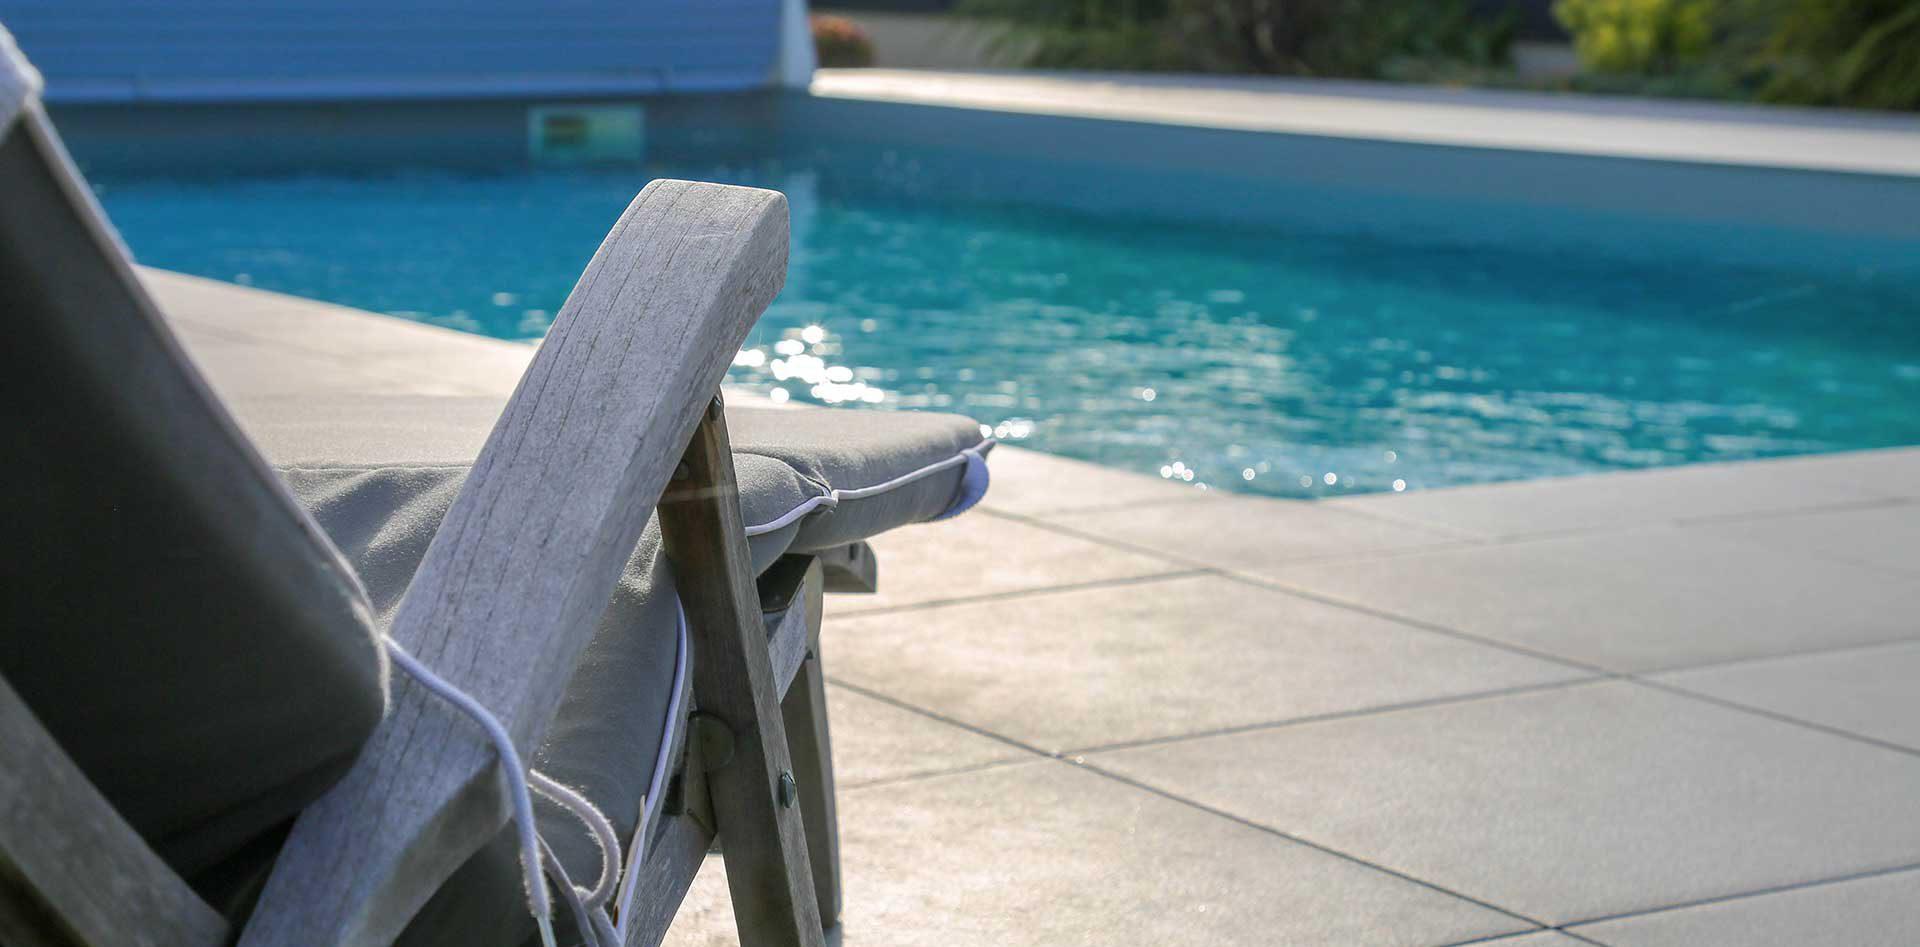 construction de piscine à Angers par de Boislaville : pisciniste paysagiste